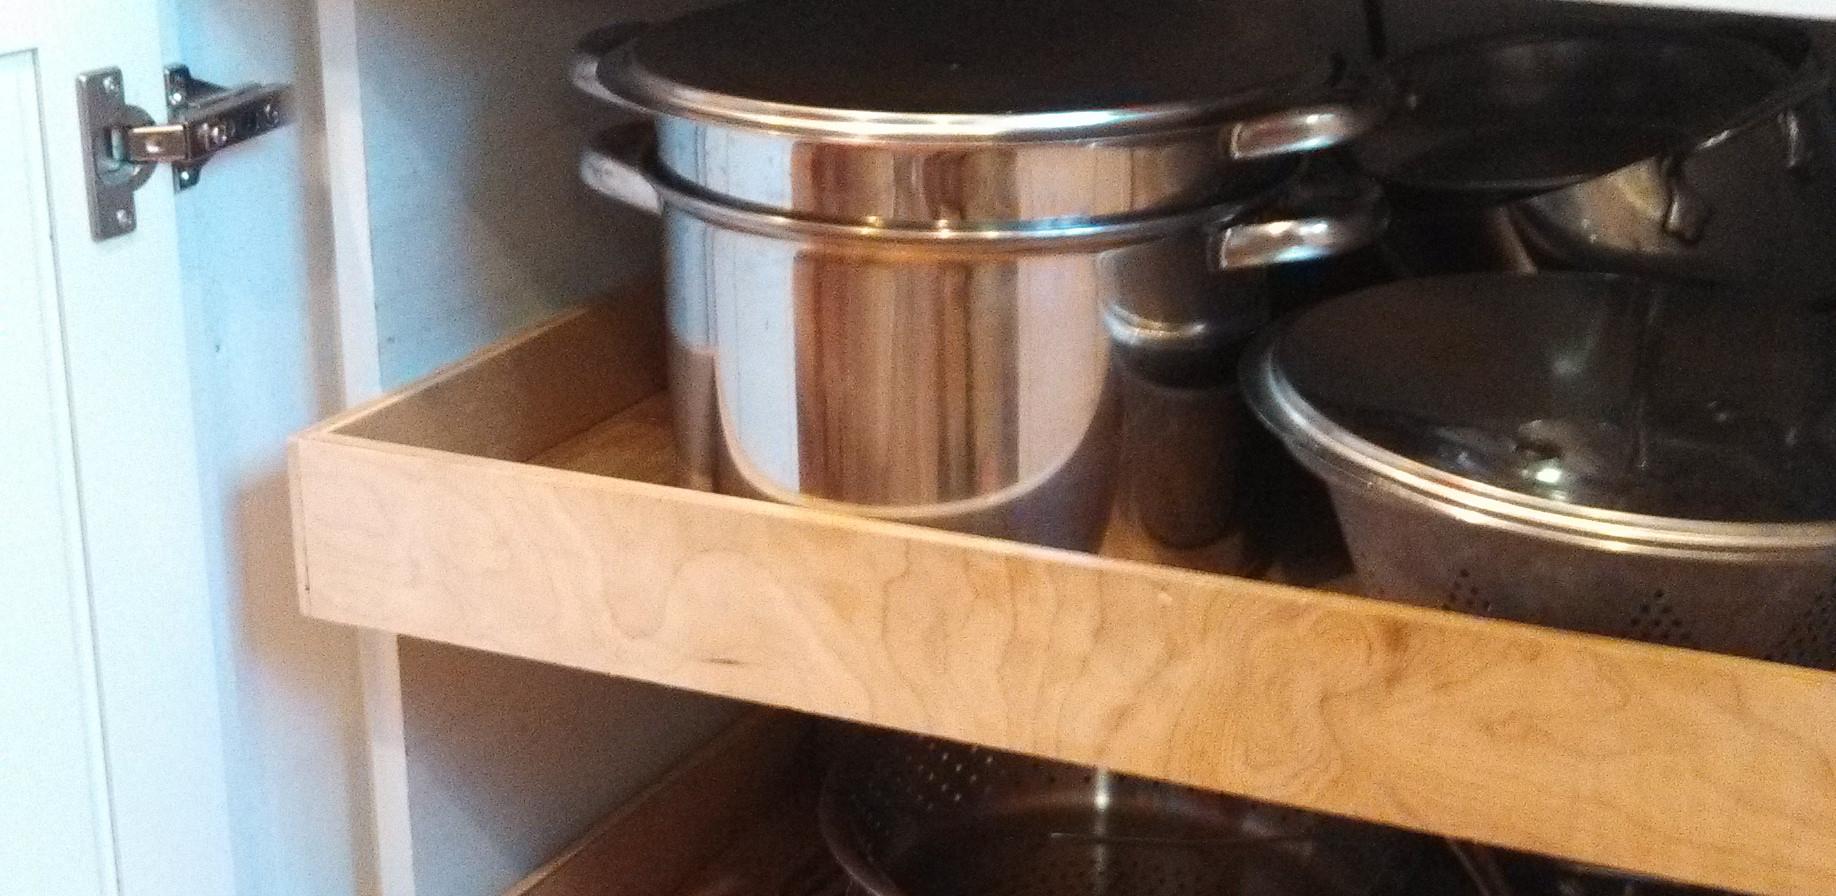 Kitchen Lower Cabinet Organizer After